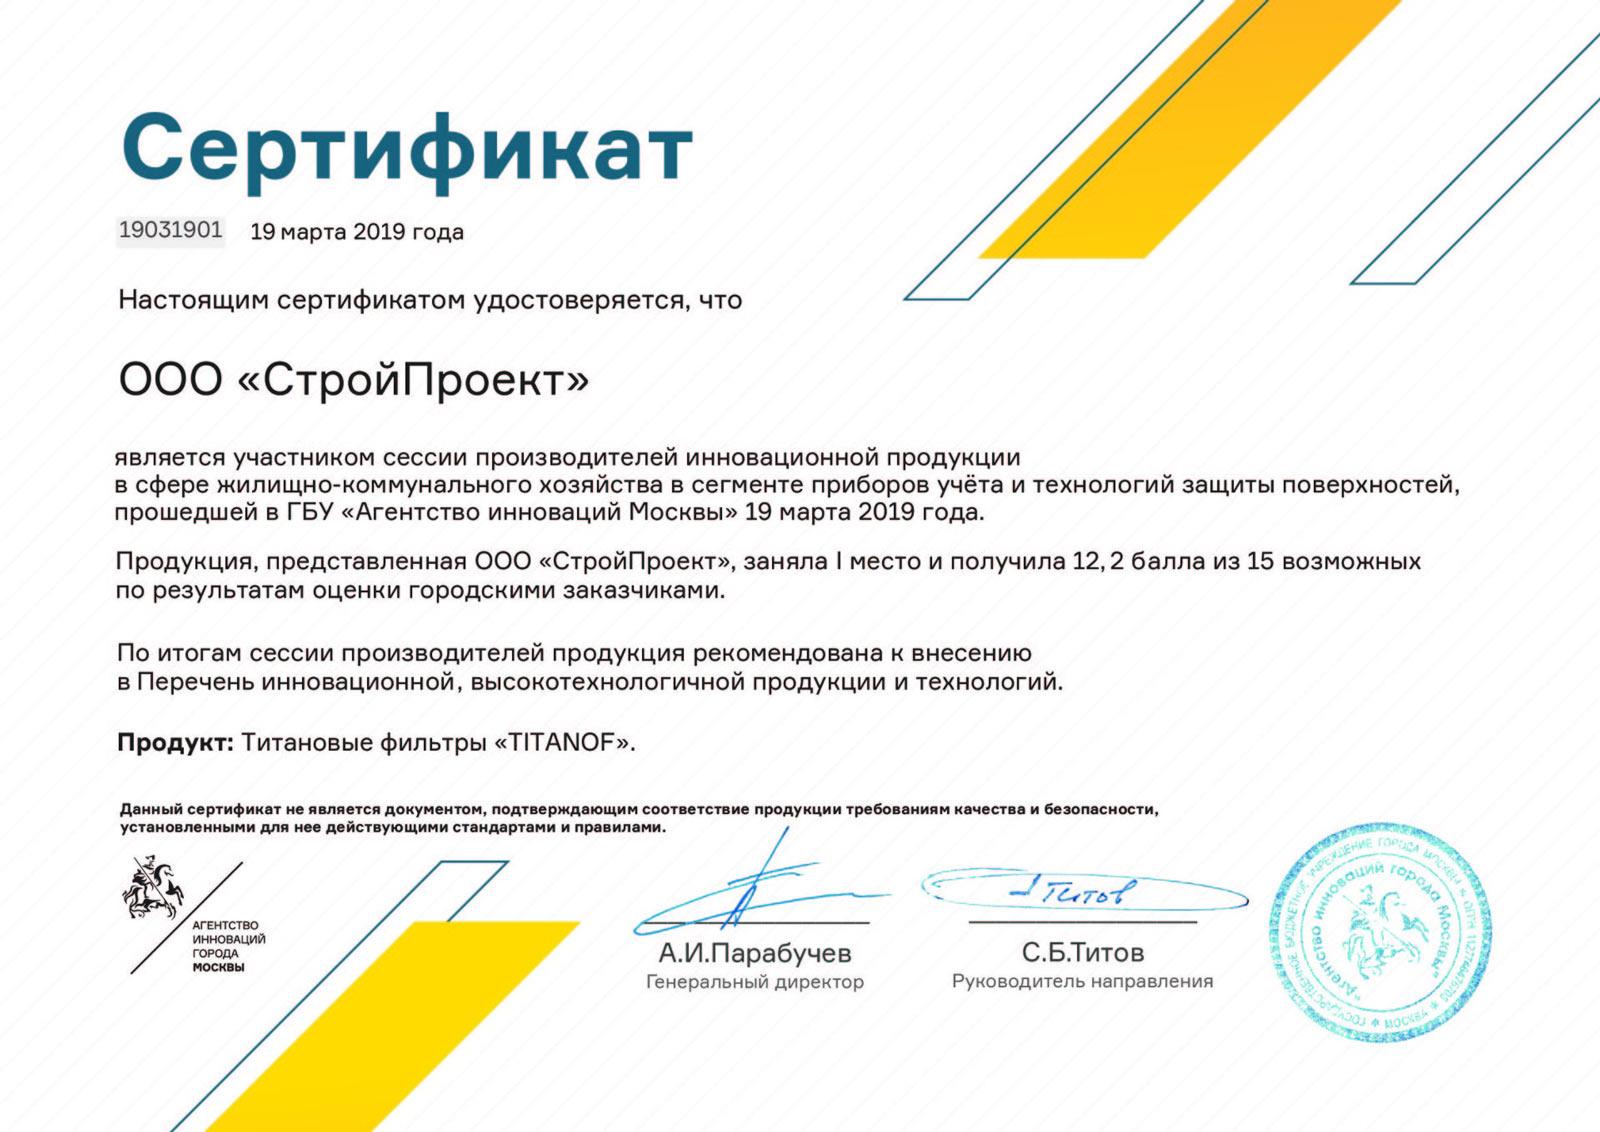 Сертификат TITANOF